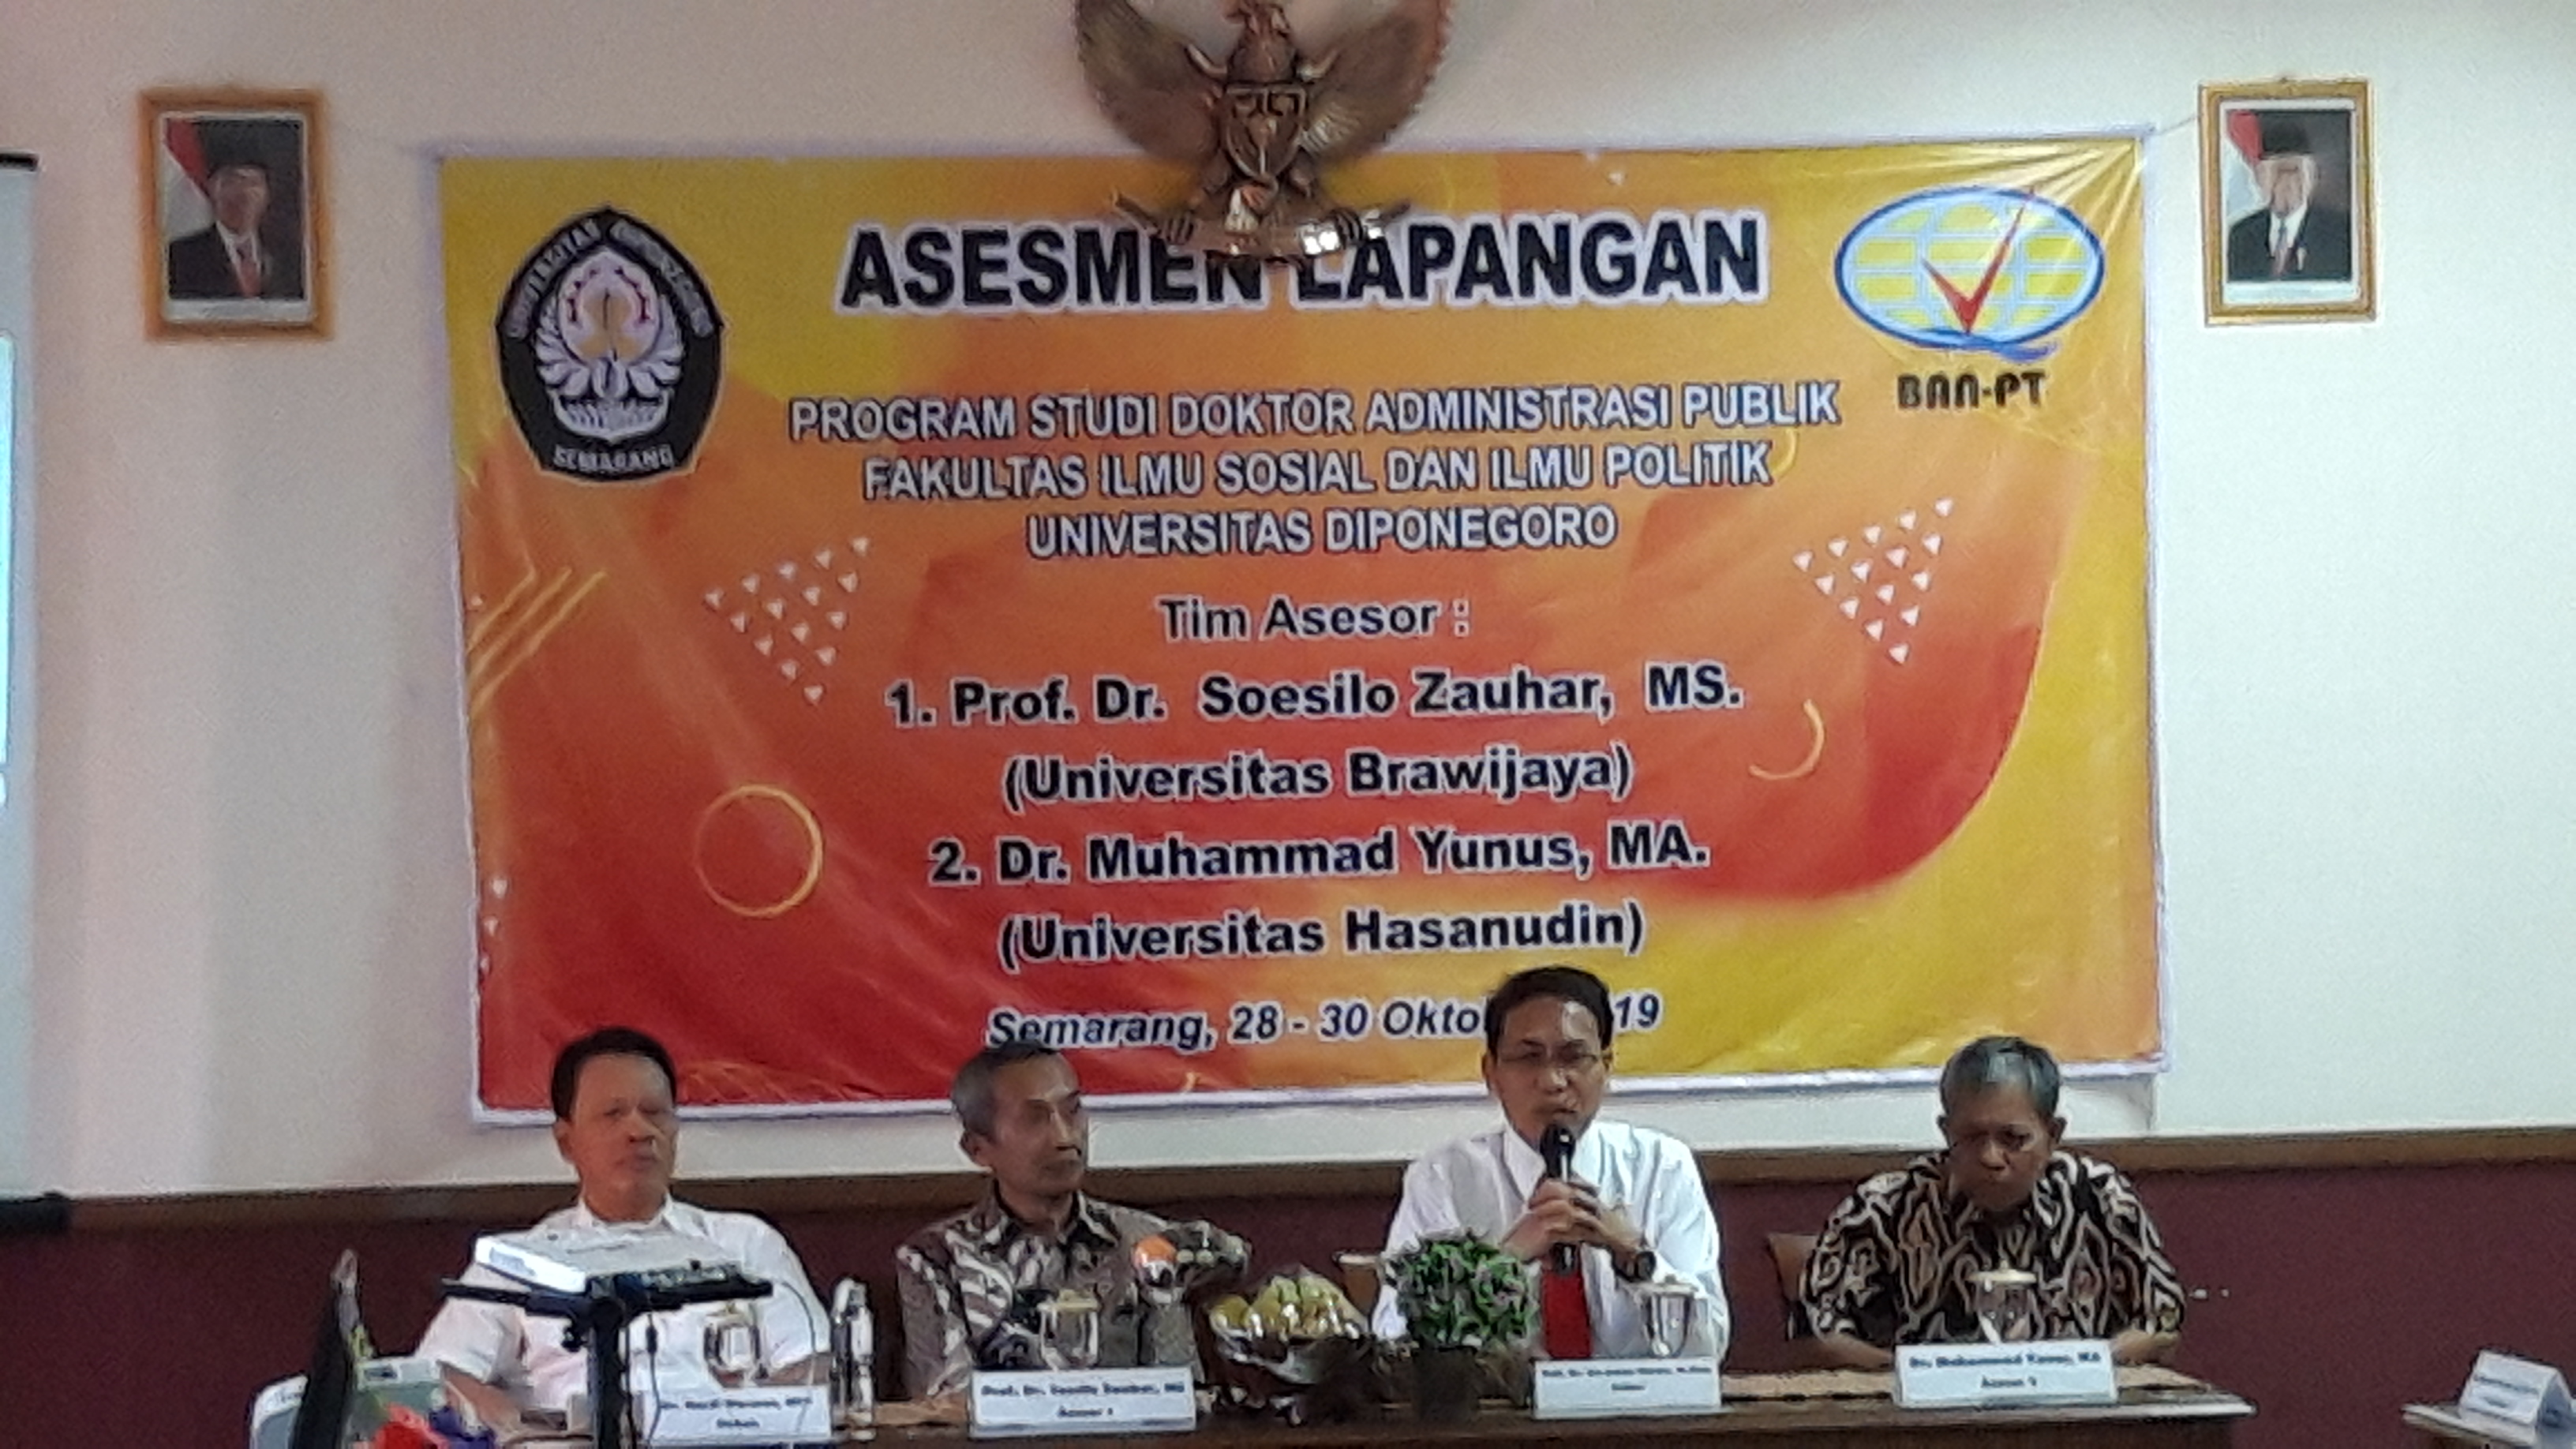 Visitasi Asasmen Lapangan Doktor Administrasi Publik